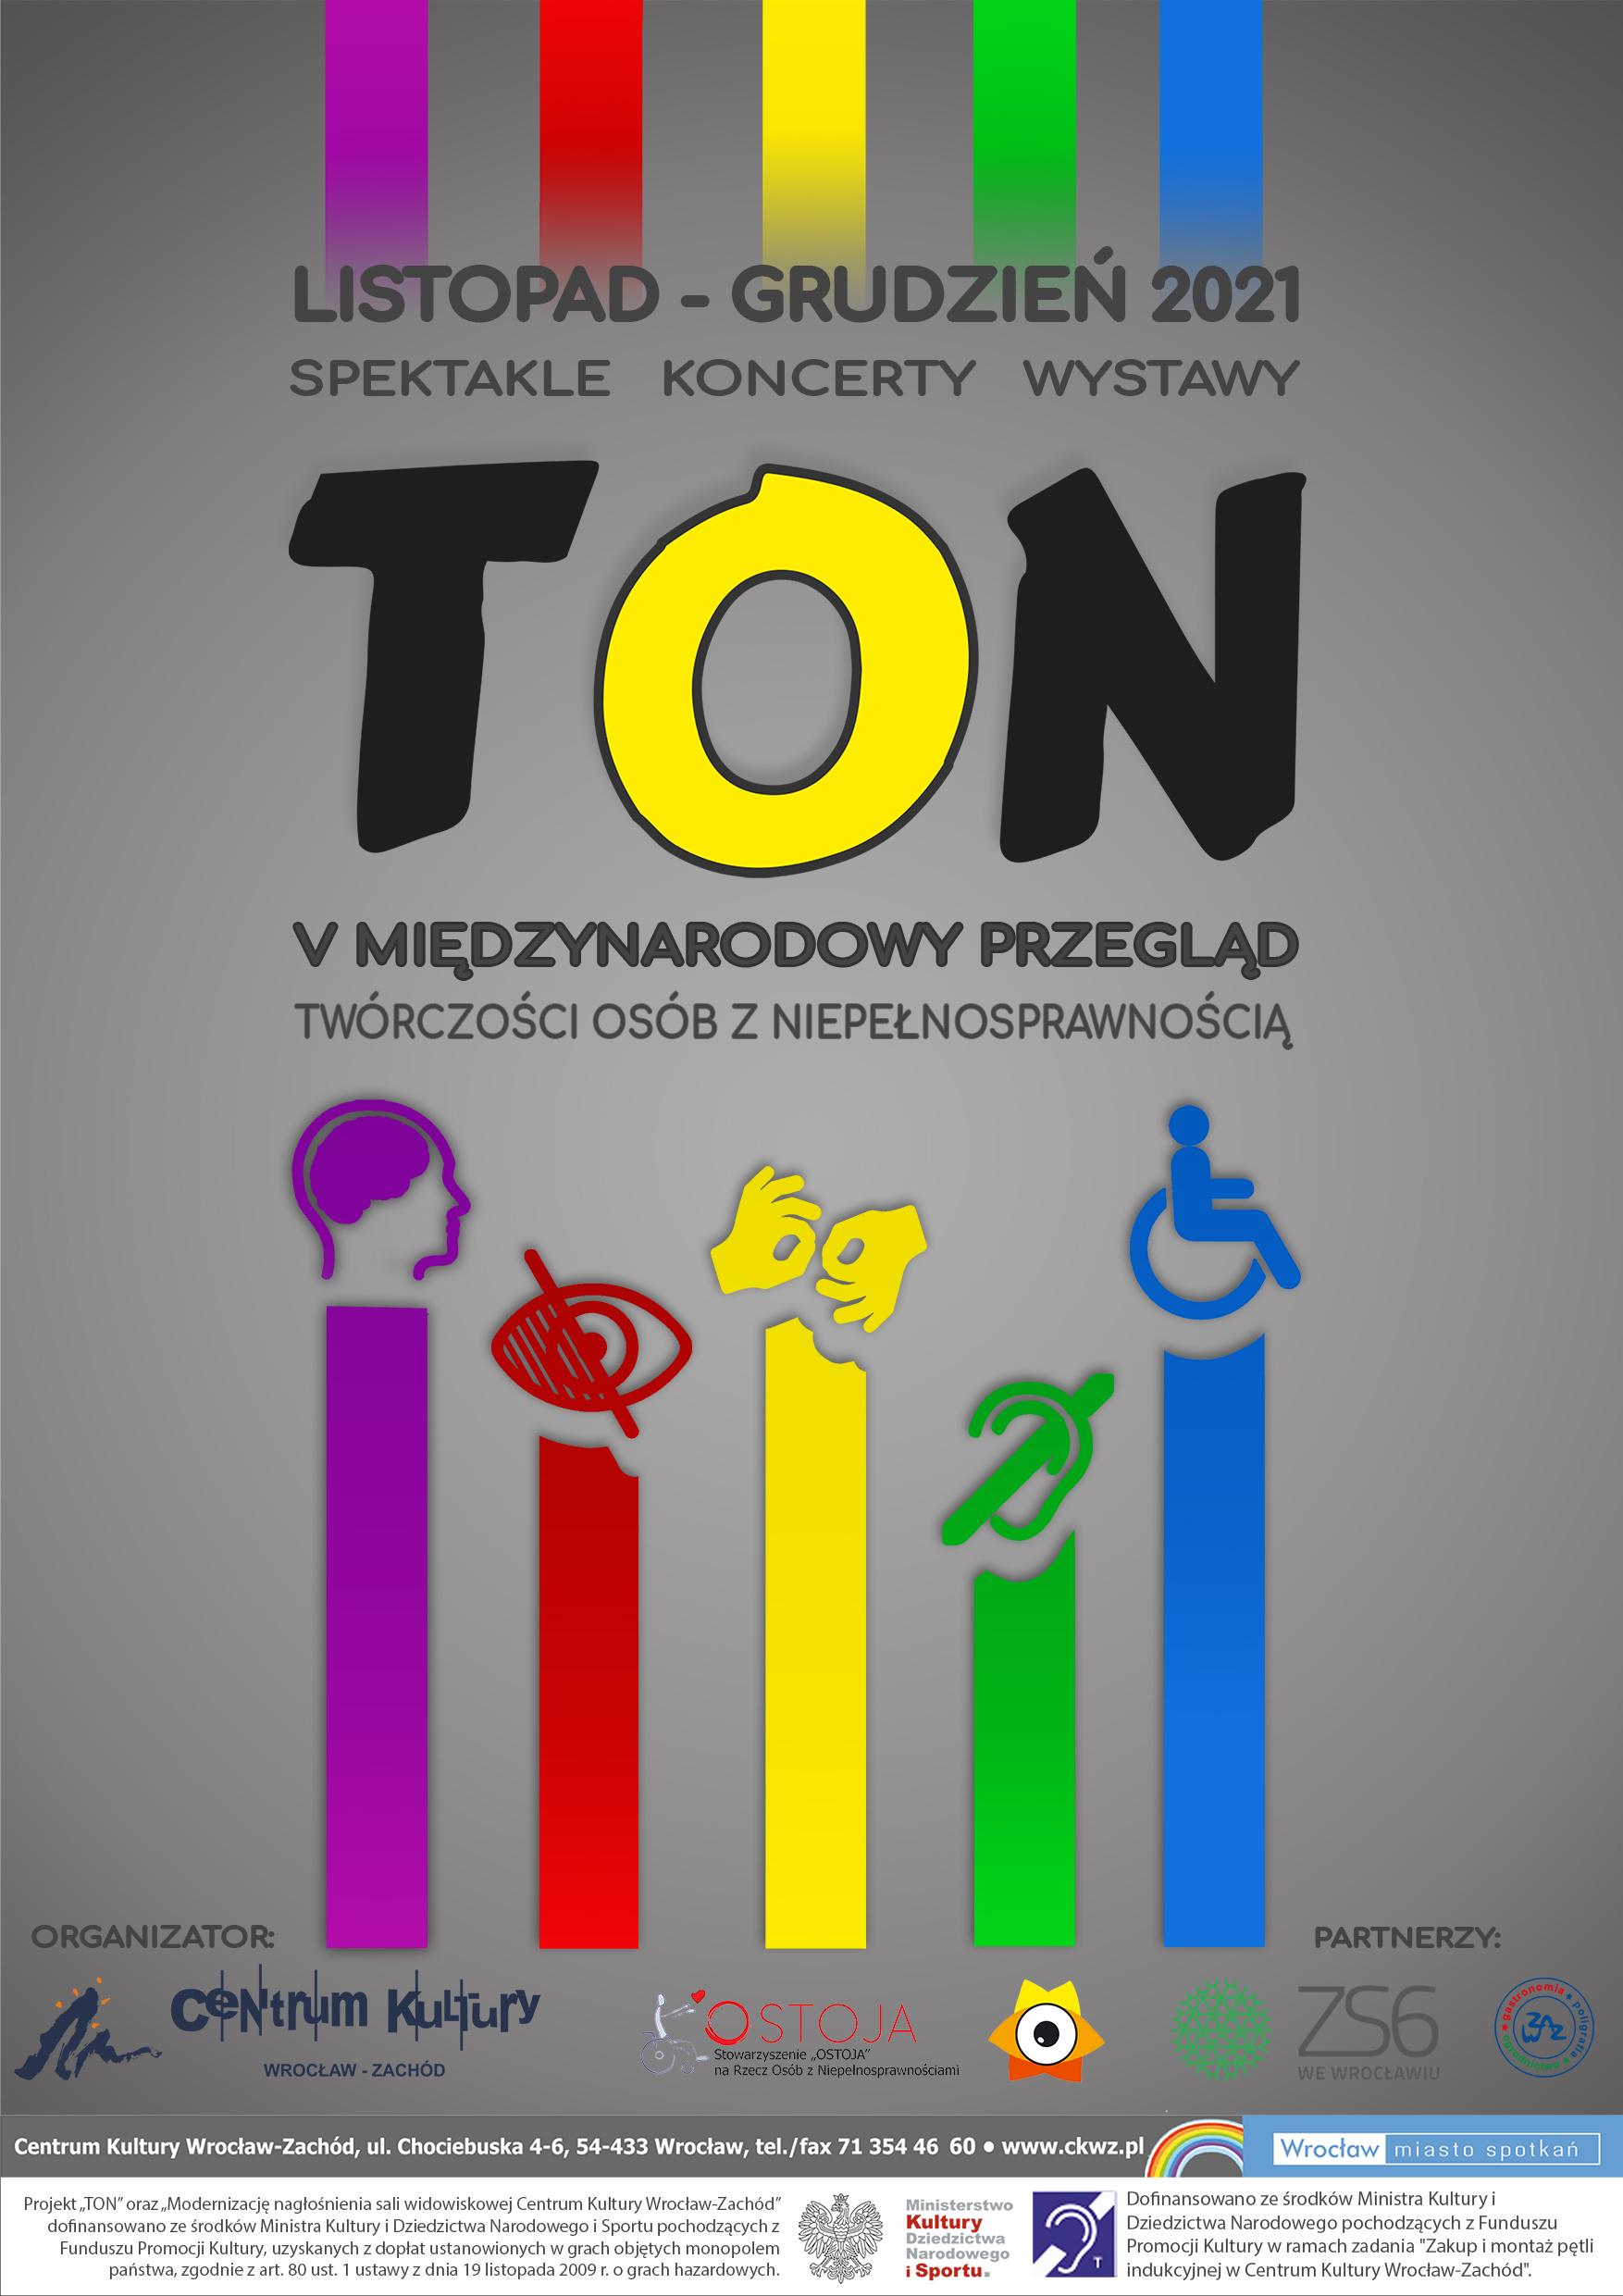 Plakat TON - Twórczość Osób Niepełnosprawnych 2021 V Międzynarodowy Przegląd Twórczości Osób z Niepełnosprawnością. Plakat przedstawia kolorowe znaczki kojarzące się z niepełnosprawnościami, które znajdują się na słupkach wykresowych. Napis TON to litera T w kolorze czarnym, O w kolorze żółtym i N w kolorze czarnym.